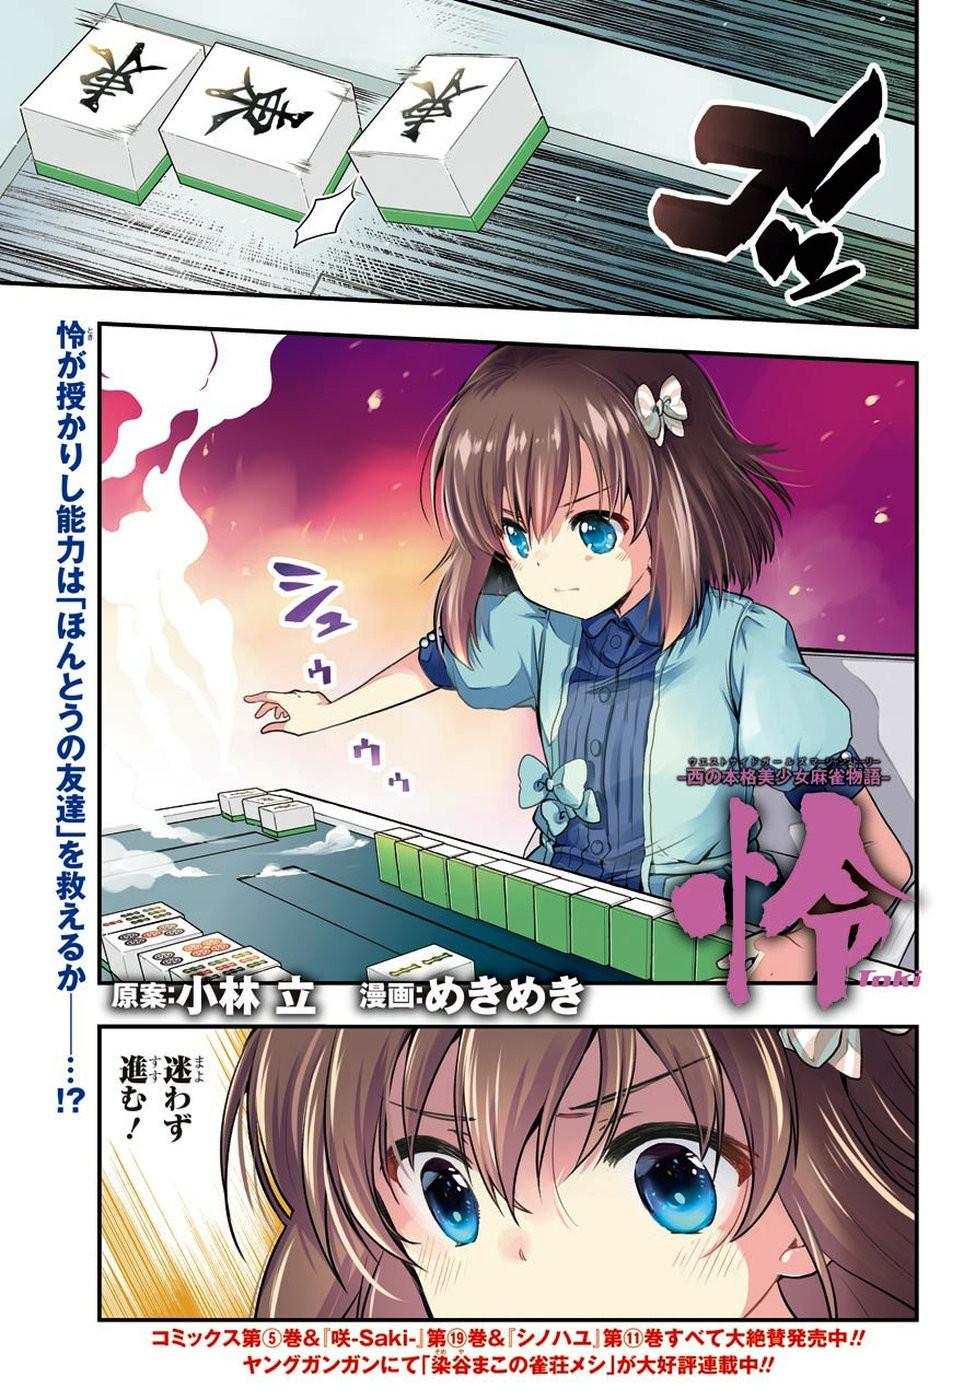 Toki (KOBAYASHI Ritz) - Chapter 035 - Page 1